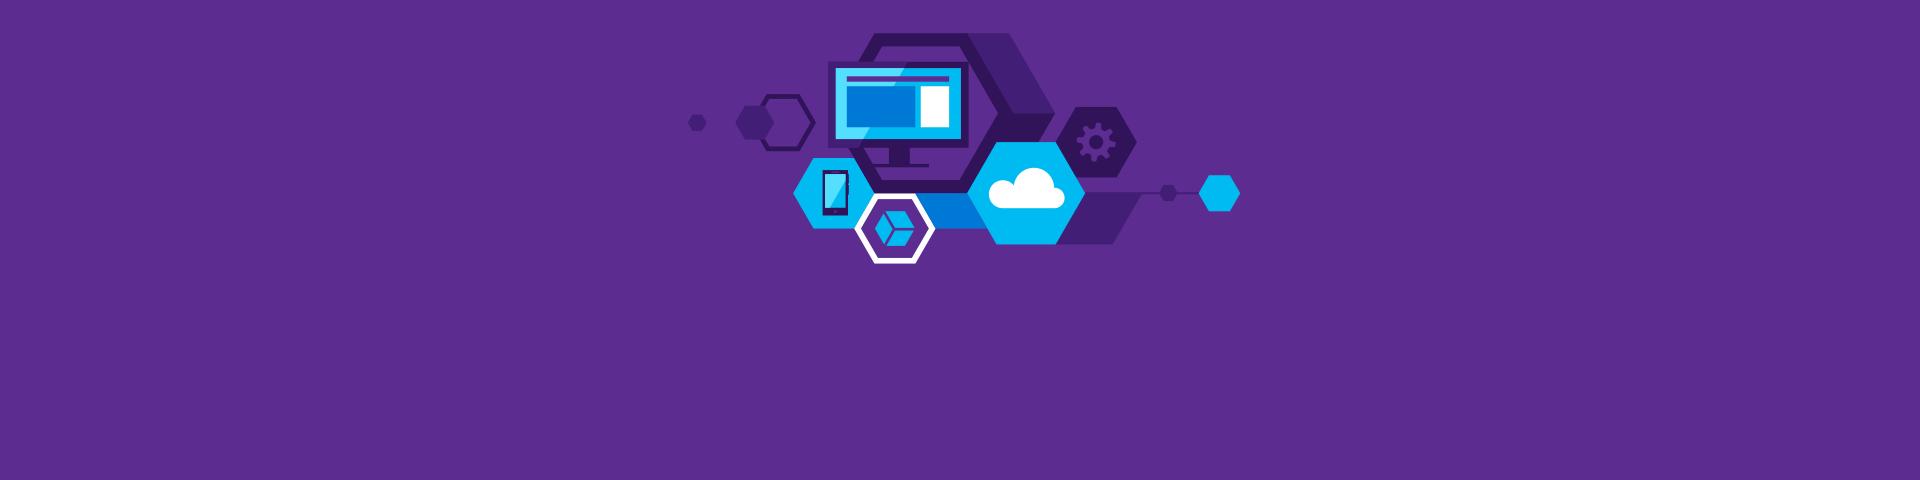 Pc, telefoon, cloud en andere tech-pictogrammen